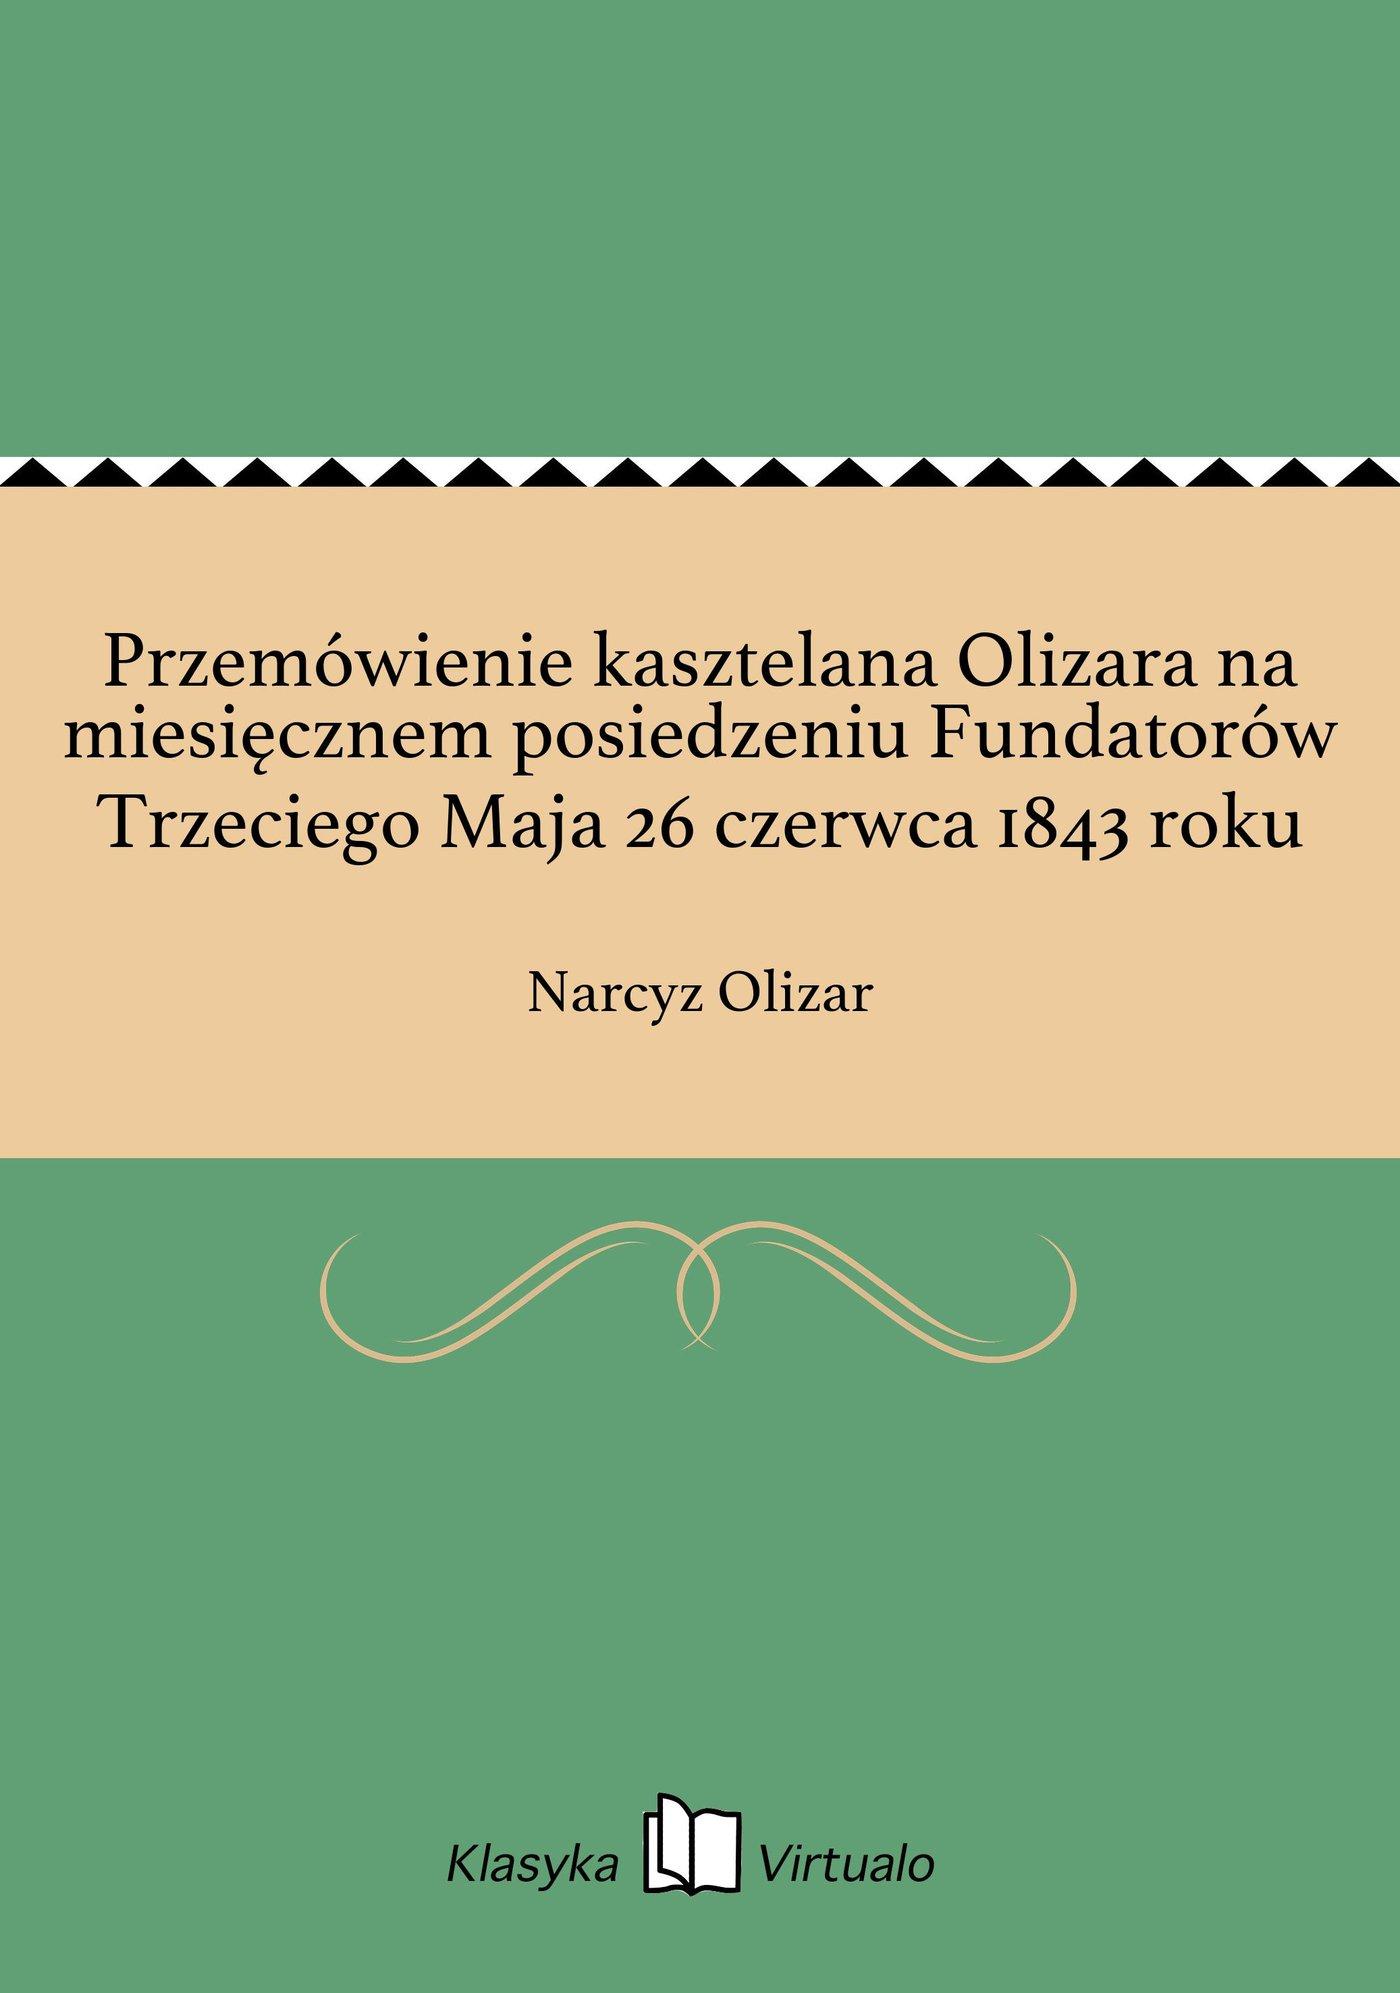 Przemówienie kasztelana Olizara na miesięcznem posiedzeniu Fundatorów Trzeciego Maja 26 czerwca 1843 roku - Ebook (Książka EPUB) do pobrania w formacie EPUB